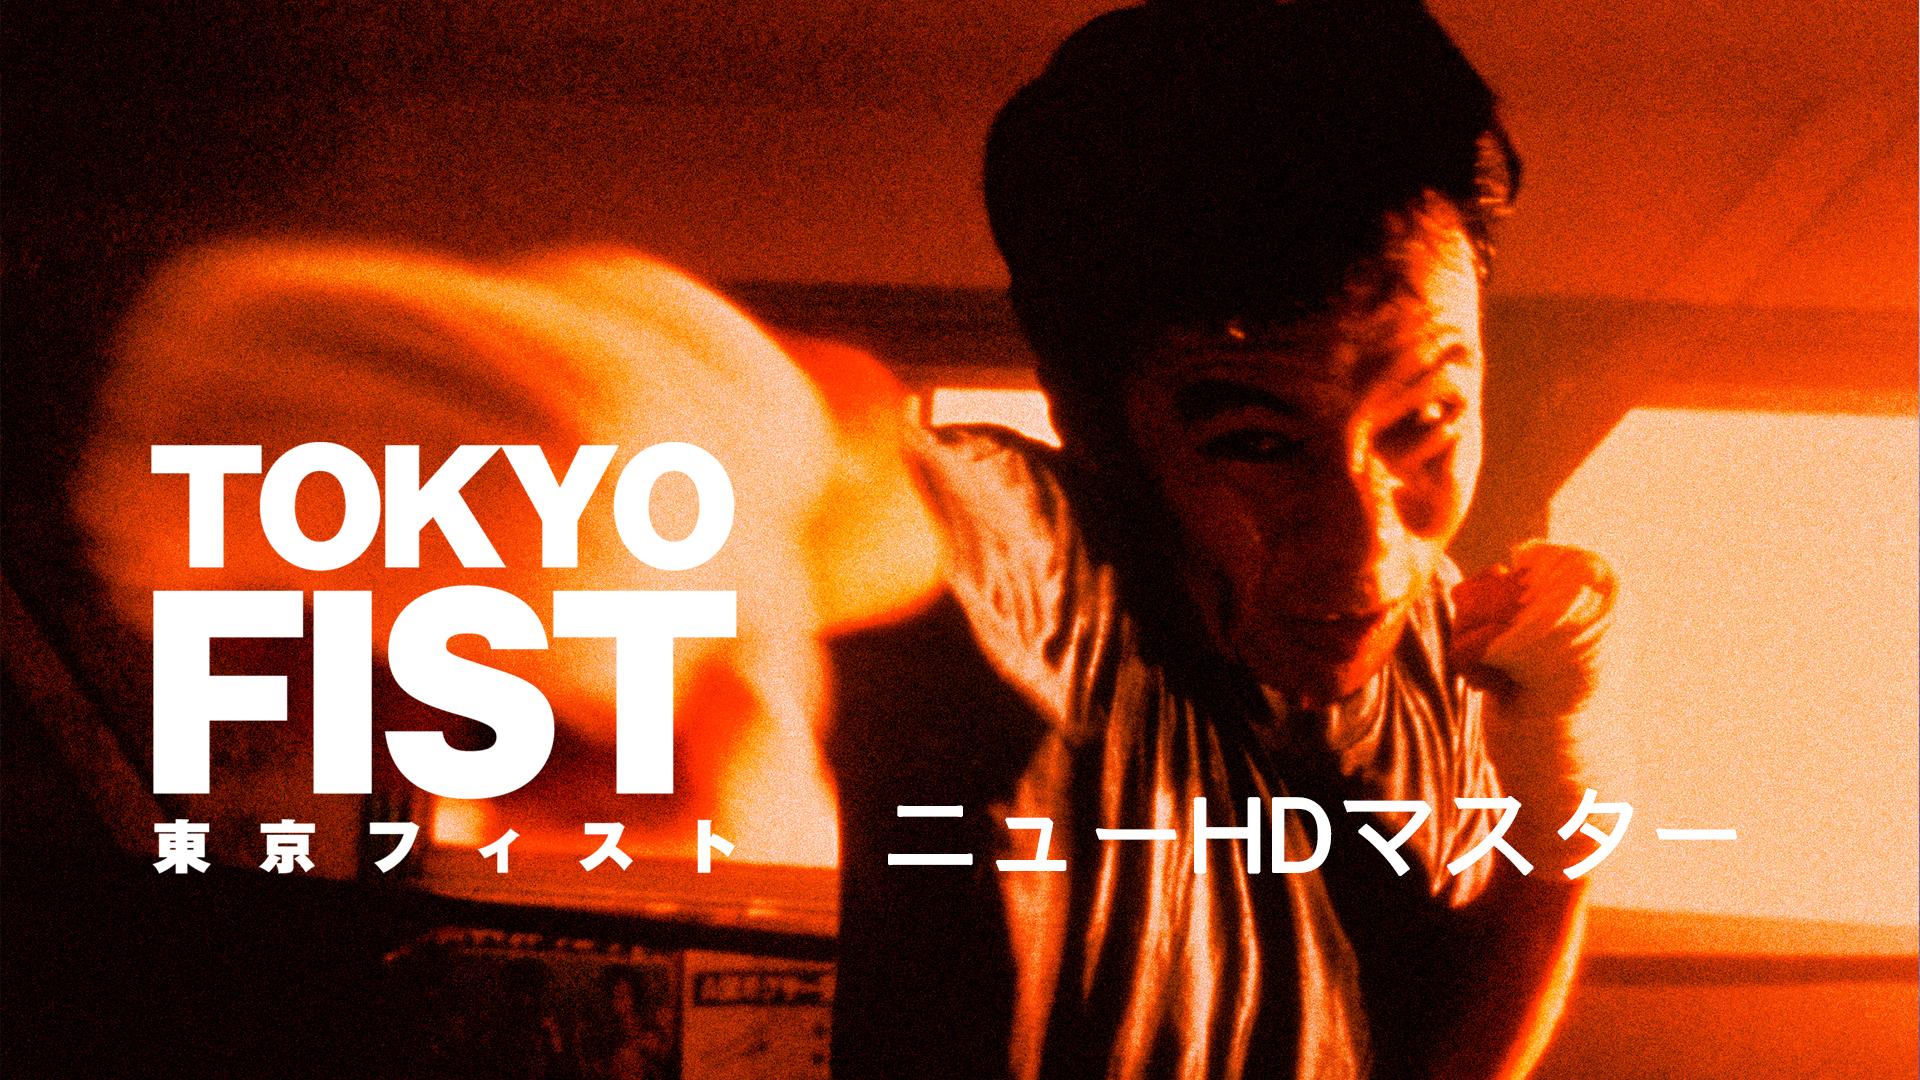 東京フィスト ニューHDマスター